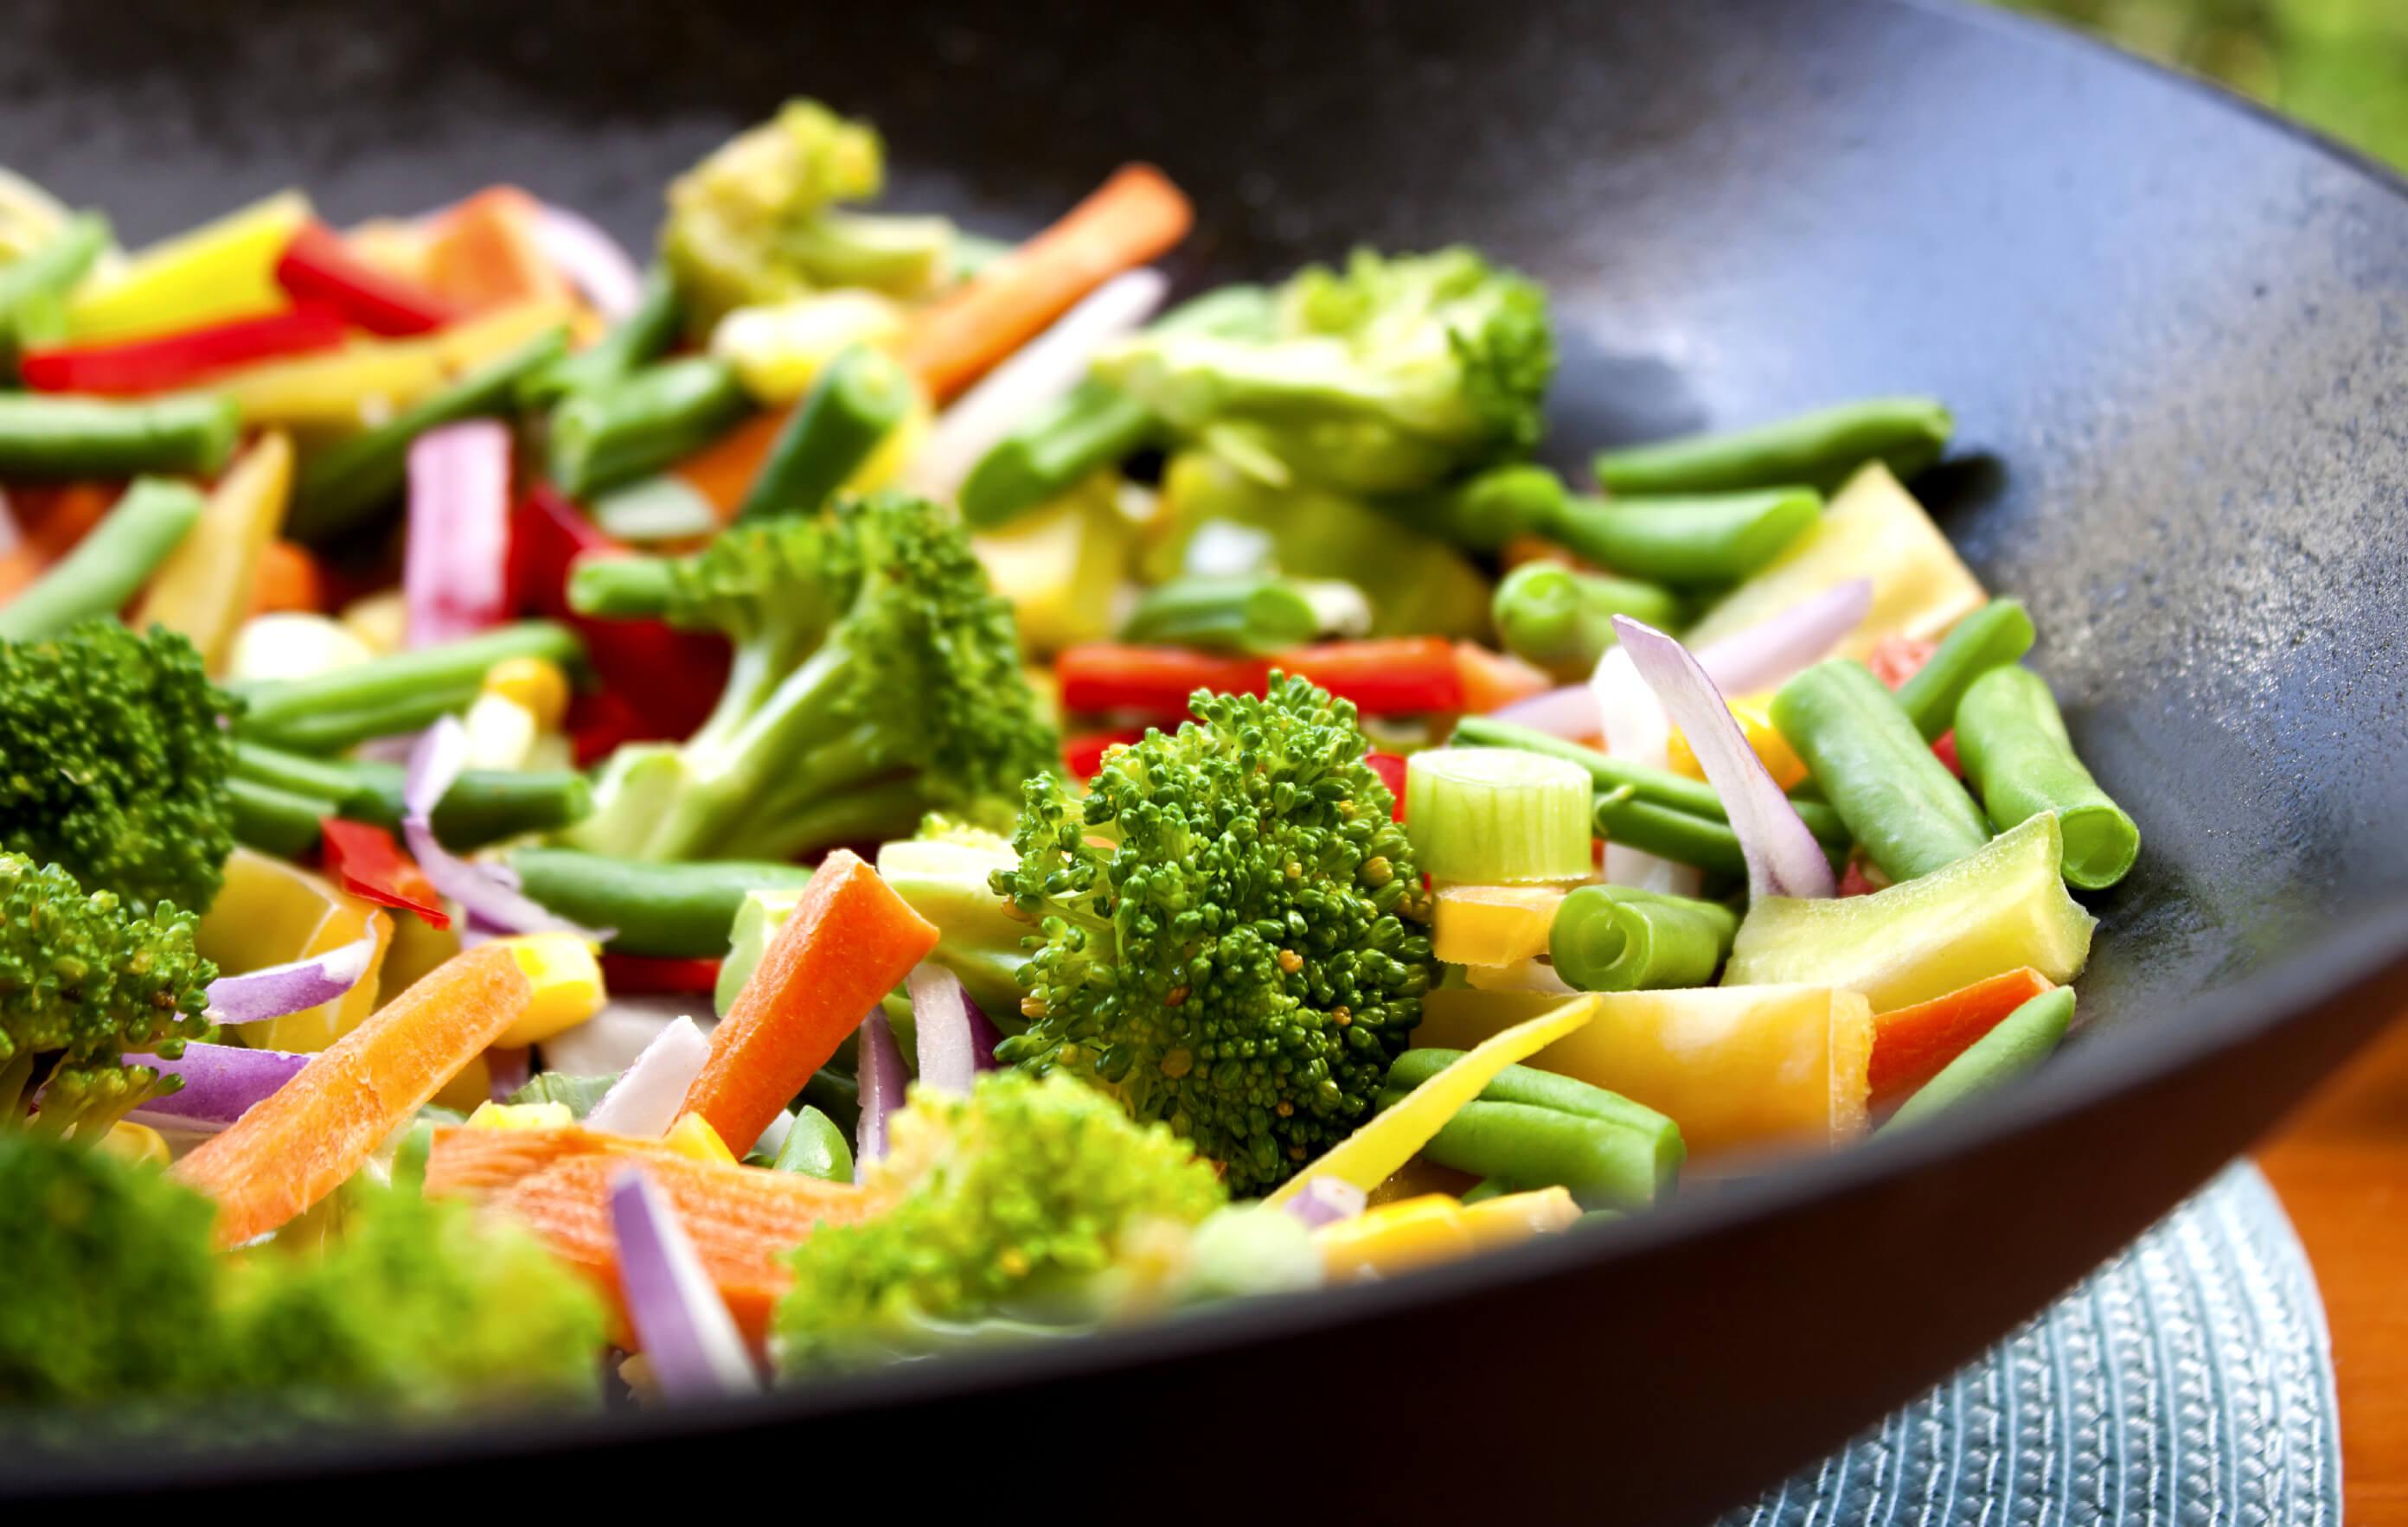 stir-fry-vegetables